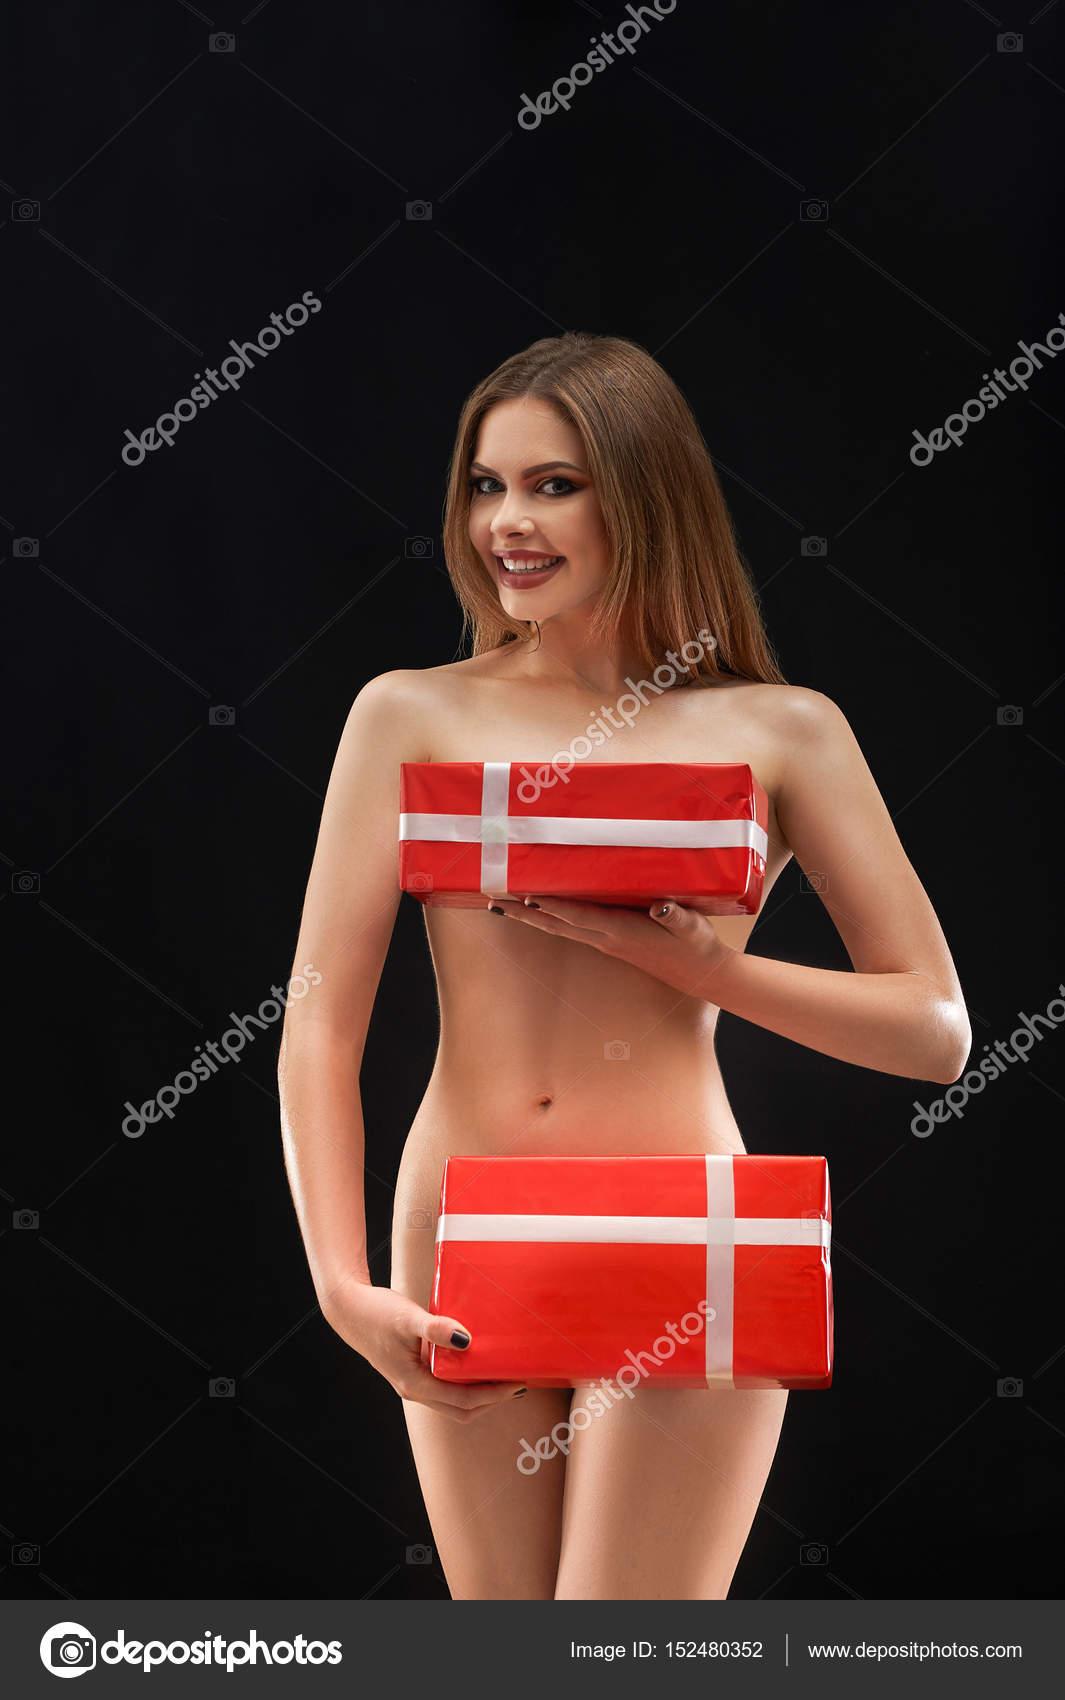 Naked girl posing will